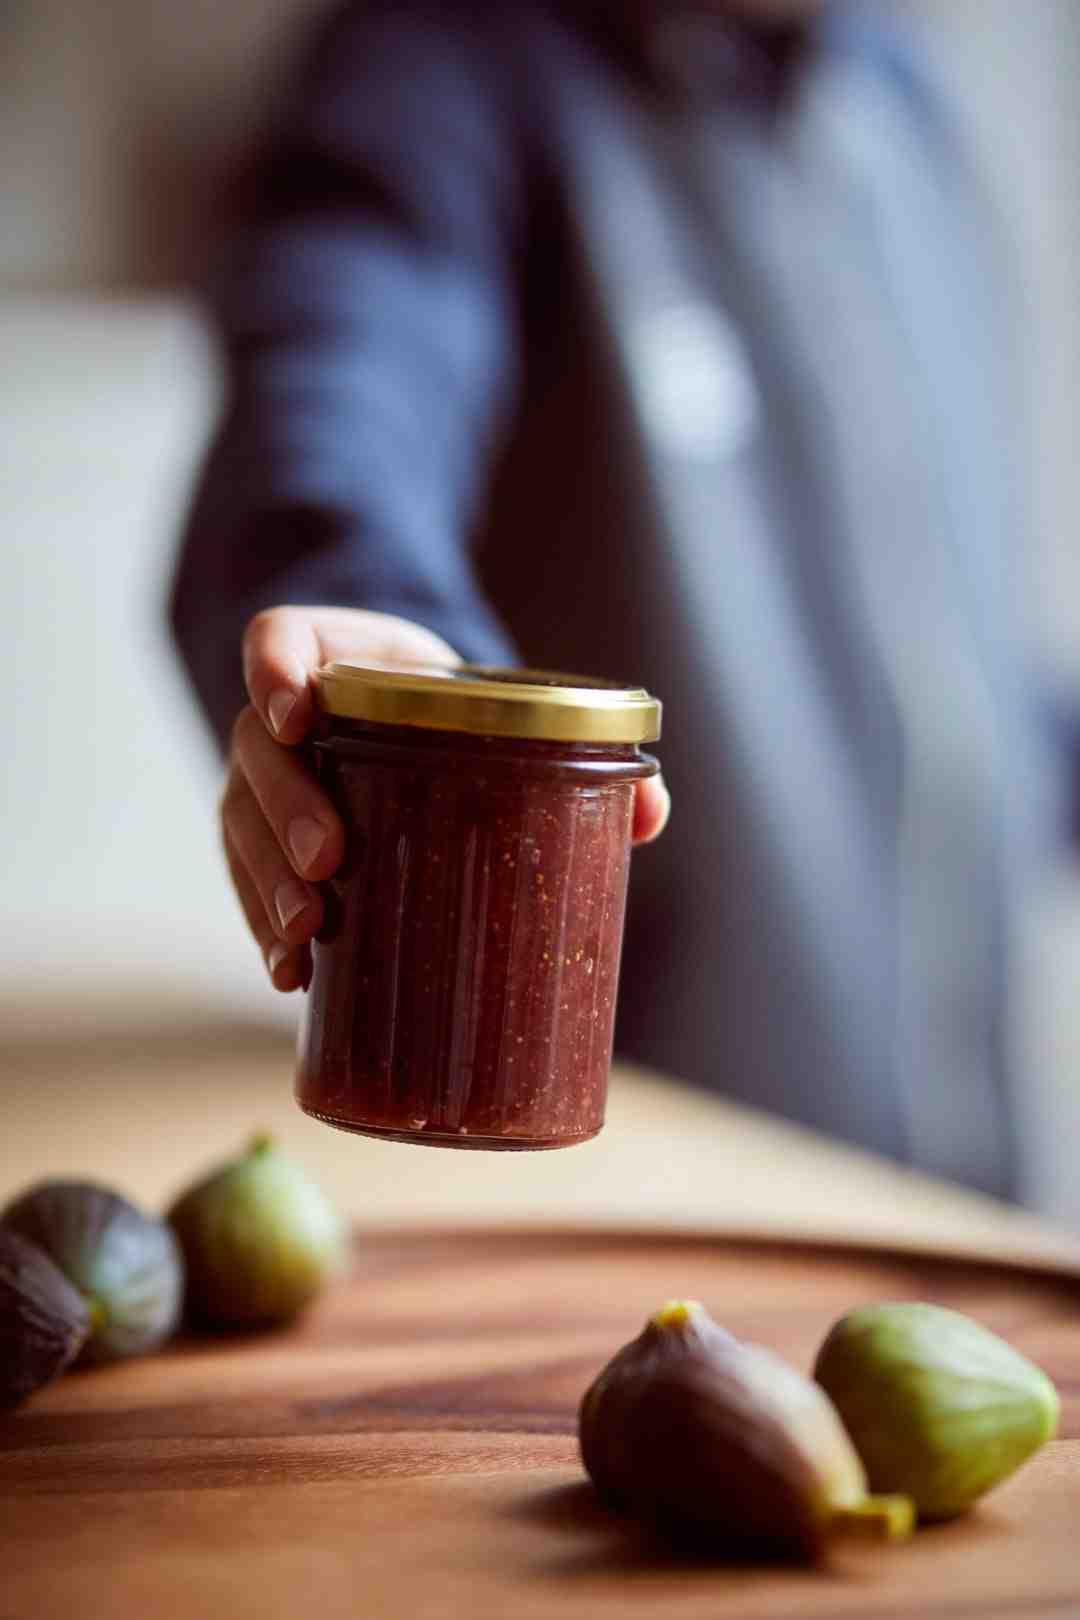 Pourquoi faire macérer des fruits pour la confiture?